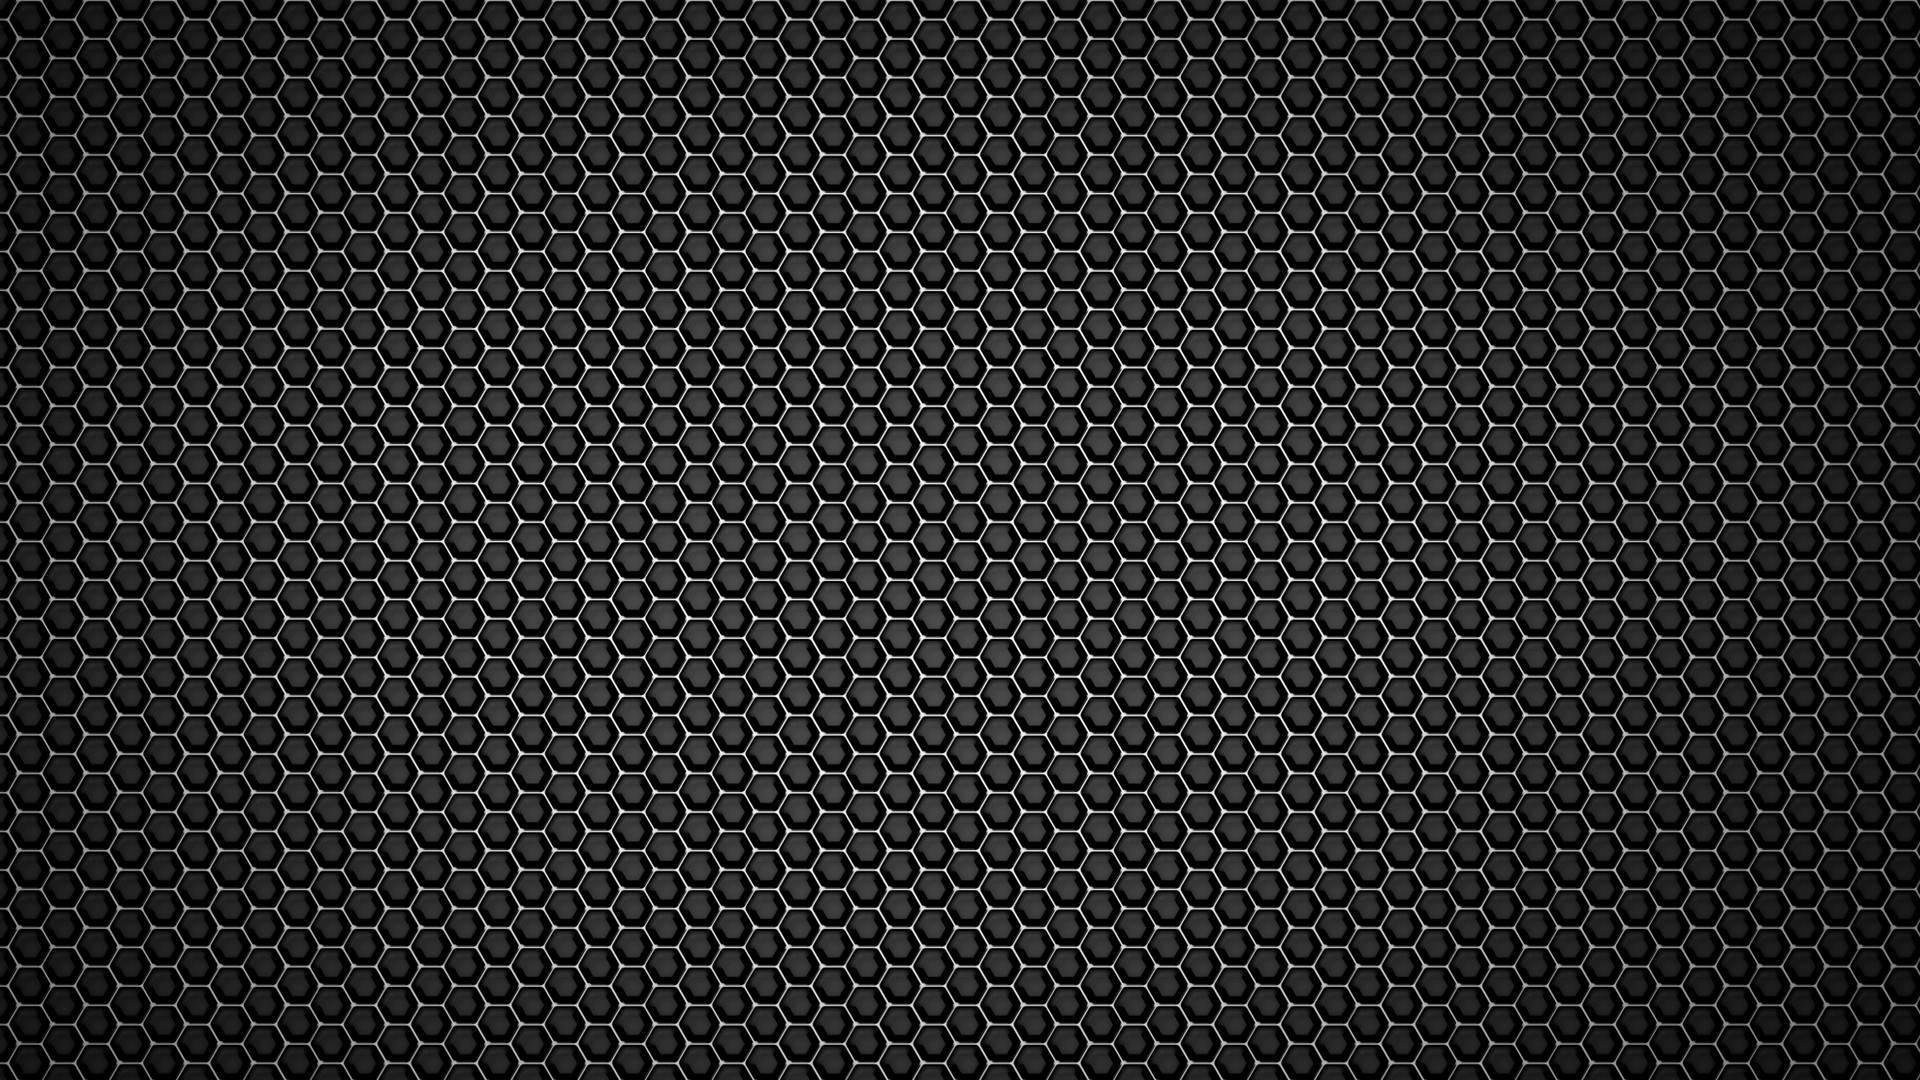 dark metal 1920x1080 hd - photo #4